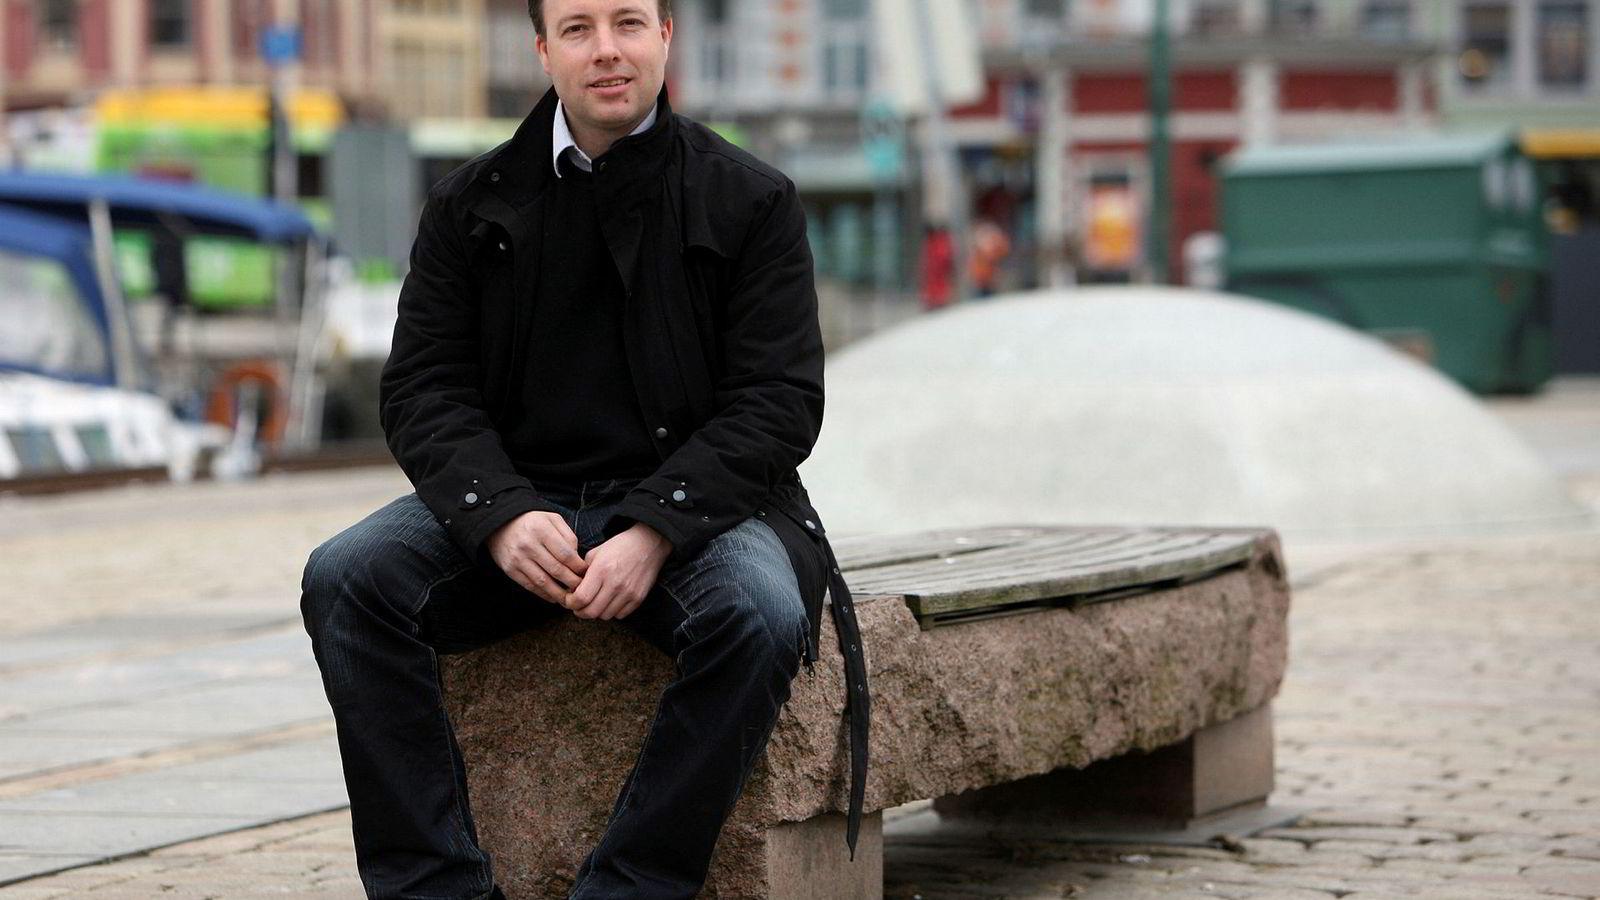 Investor Knut Jørgen Hauge krevde 700 millioner kroner i et omfattende erstatningssøksmål etter lange rettsrunder i Bergen. Svaret fra tingretten: Hauge får 6,2 millioner kroner og sakskostnadene på 100 000 kroner.